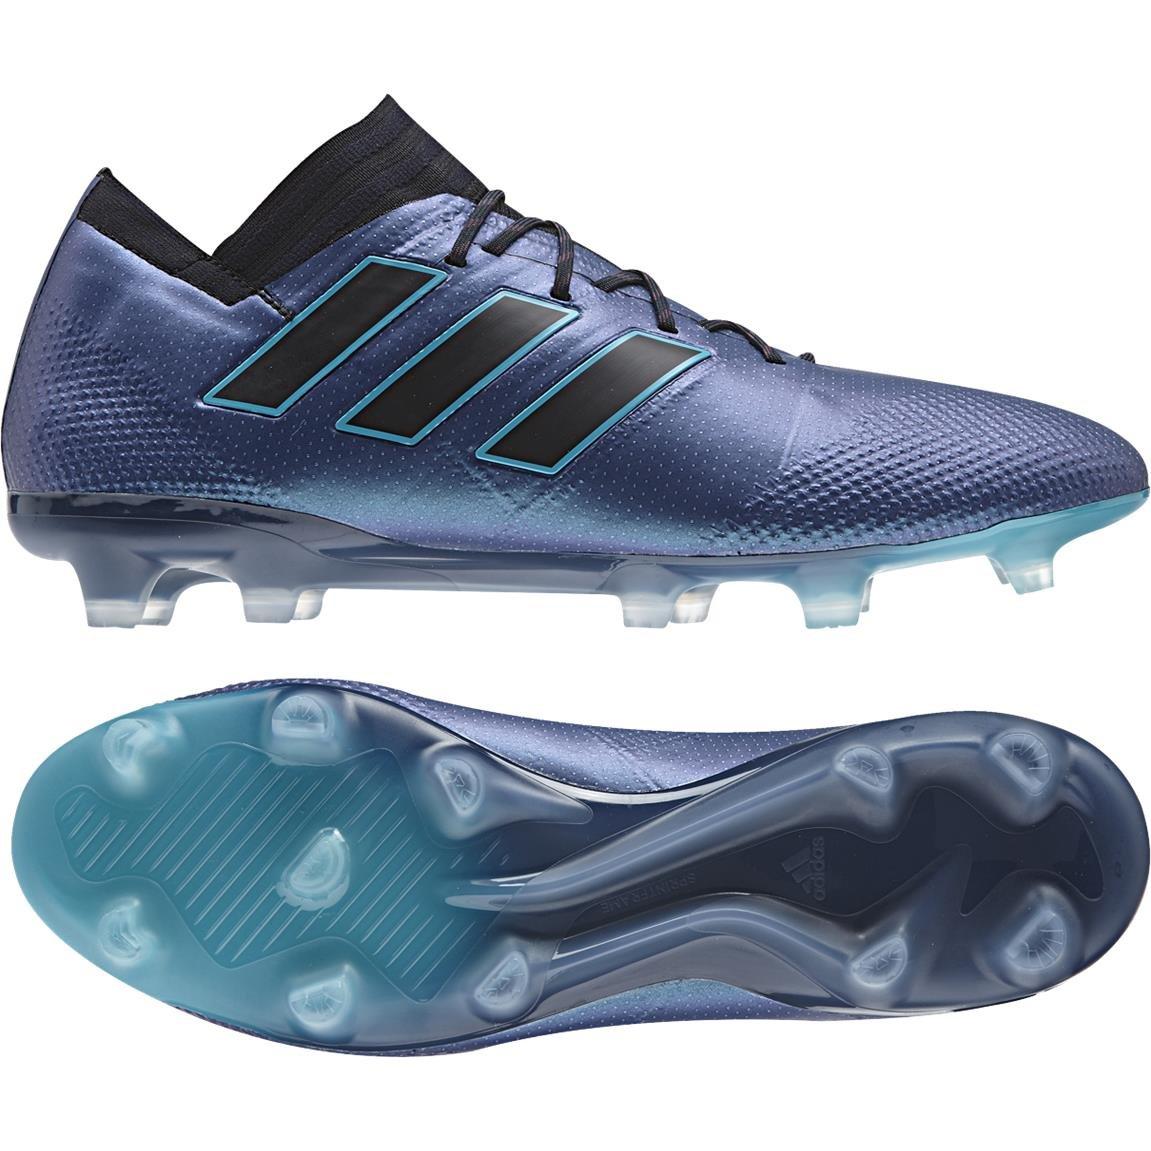 Bleu (Azuene   Negbas   Negbas 000) 40 EU Adidas Nemeziz-17.1 FG Chaussures de Football Homme